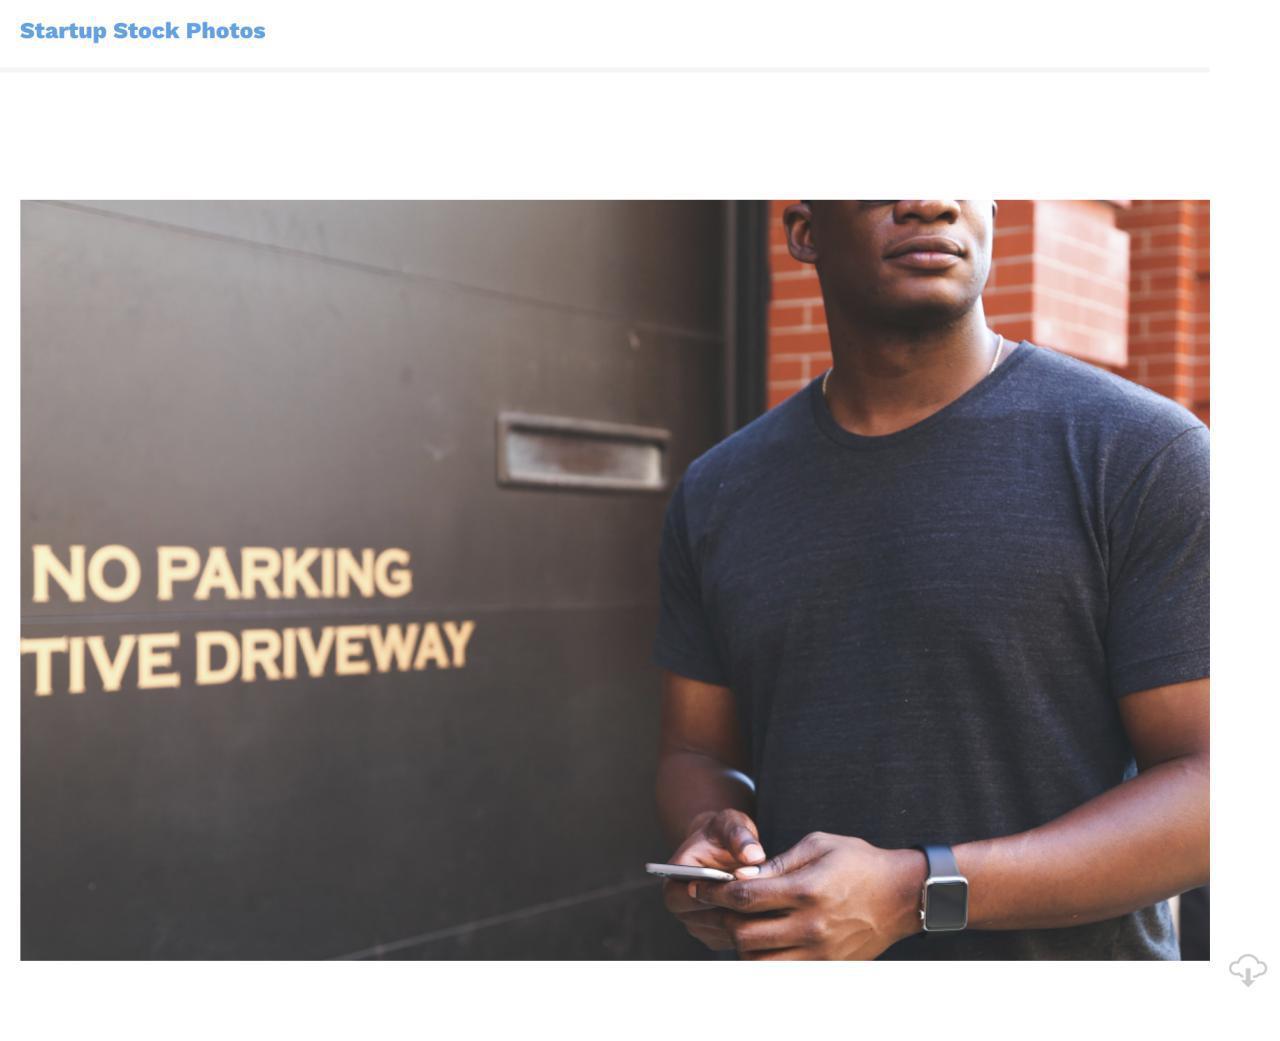 startup stock photos descargar imagen